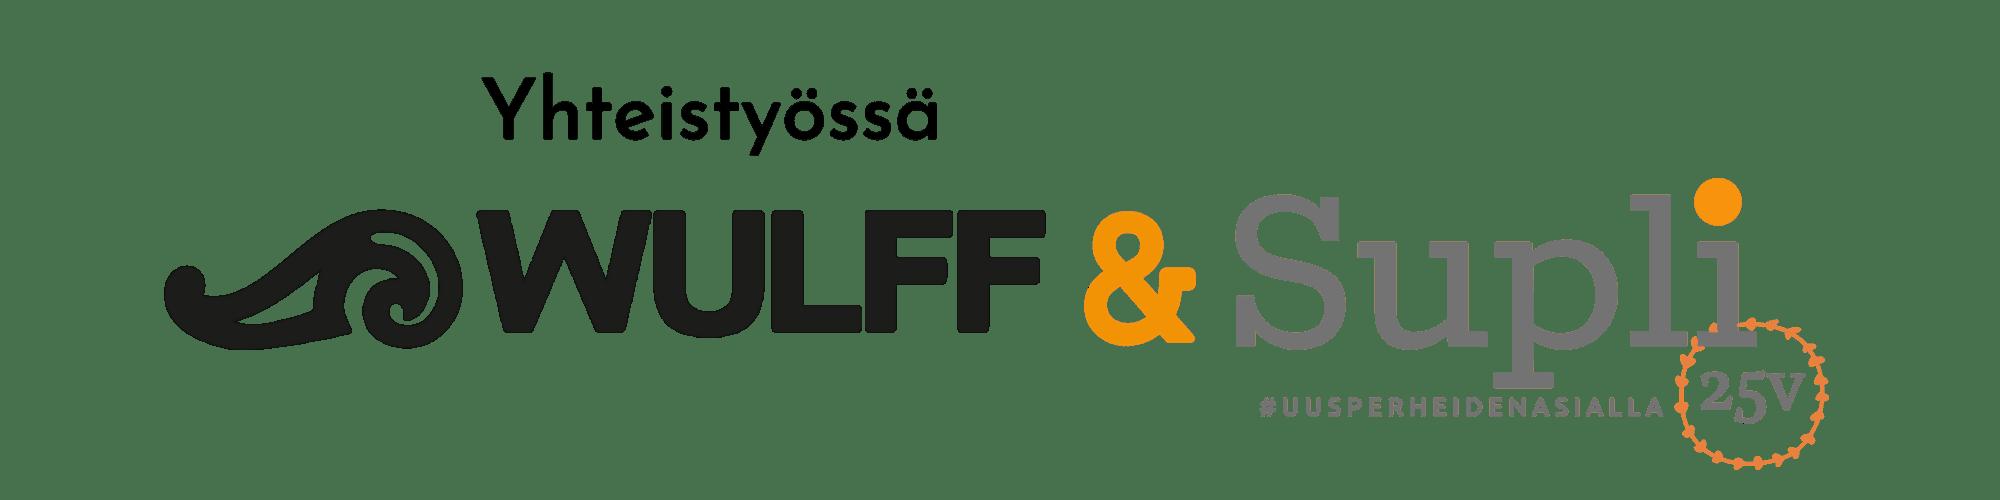 Yhteistyössä Wulff ja Supli